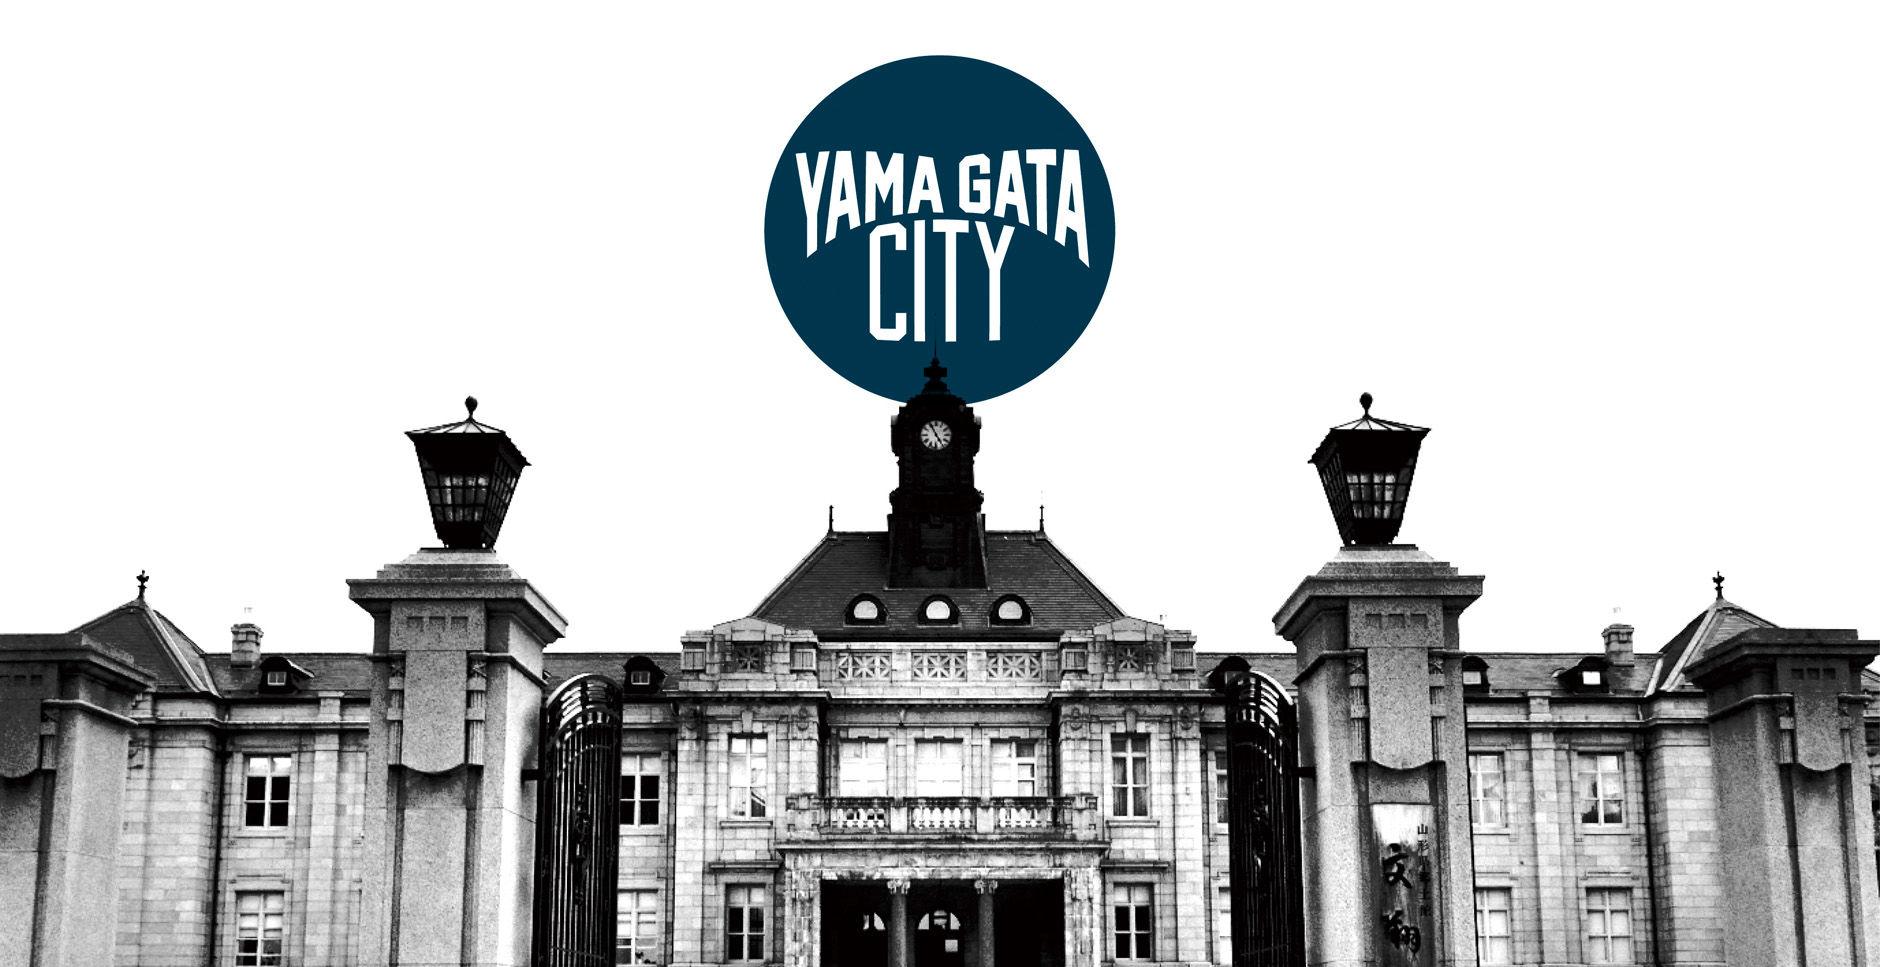 YAMAGATA CITY